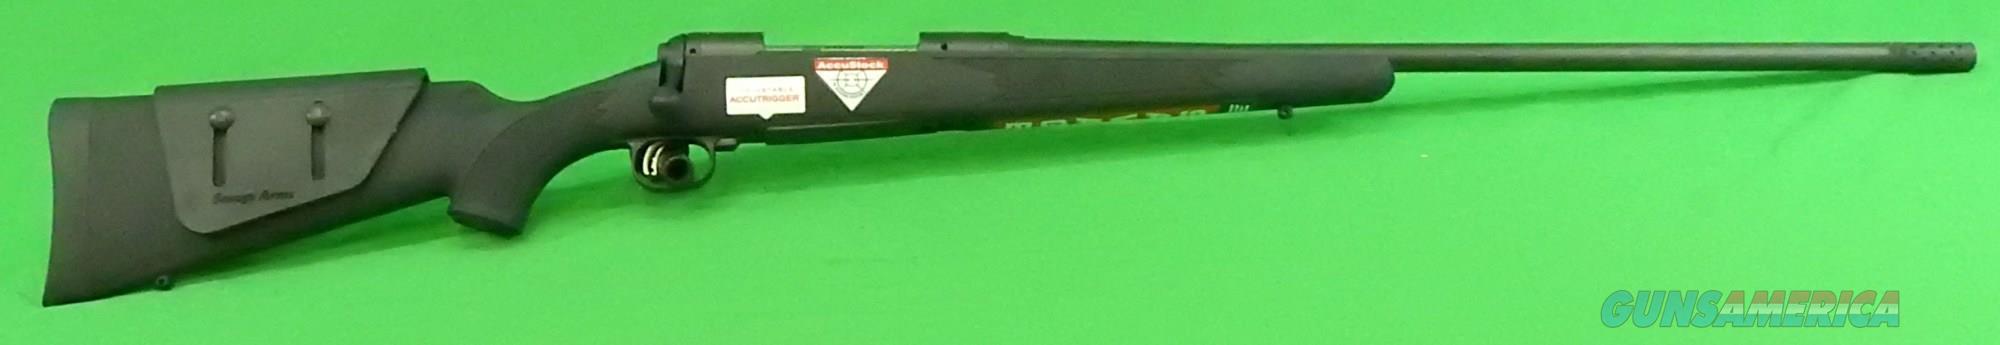 111 Long Range Hunter 300Win 26In 22026  Guns > Rifles > Savage Rifles > 11/111